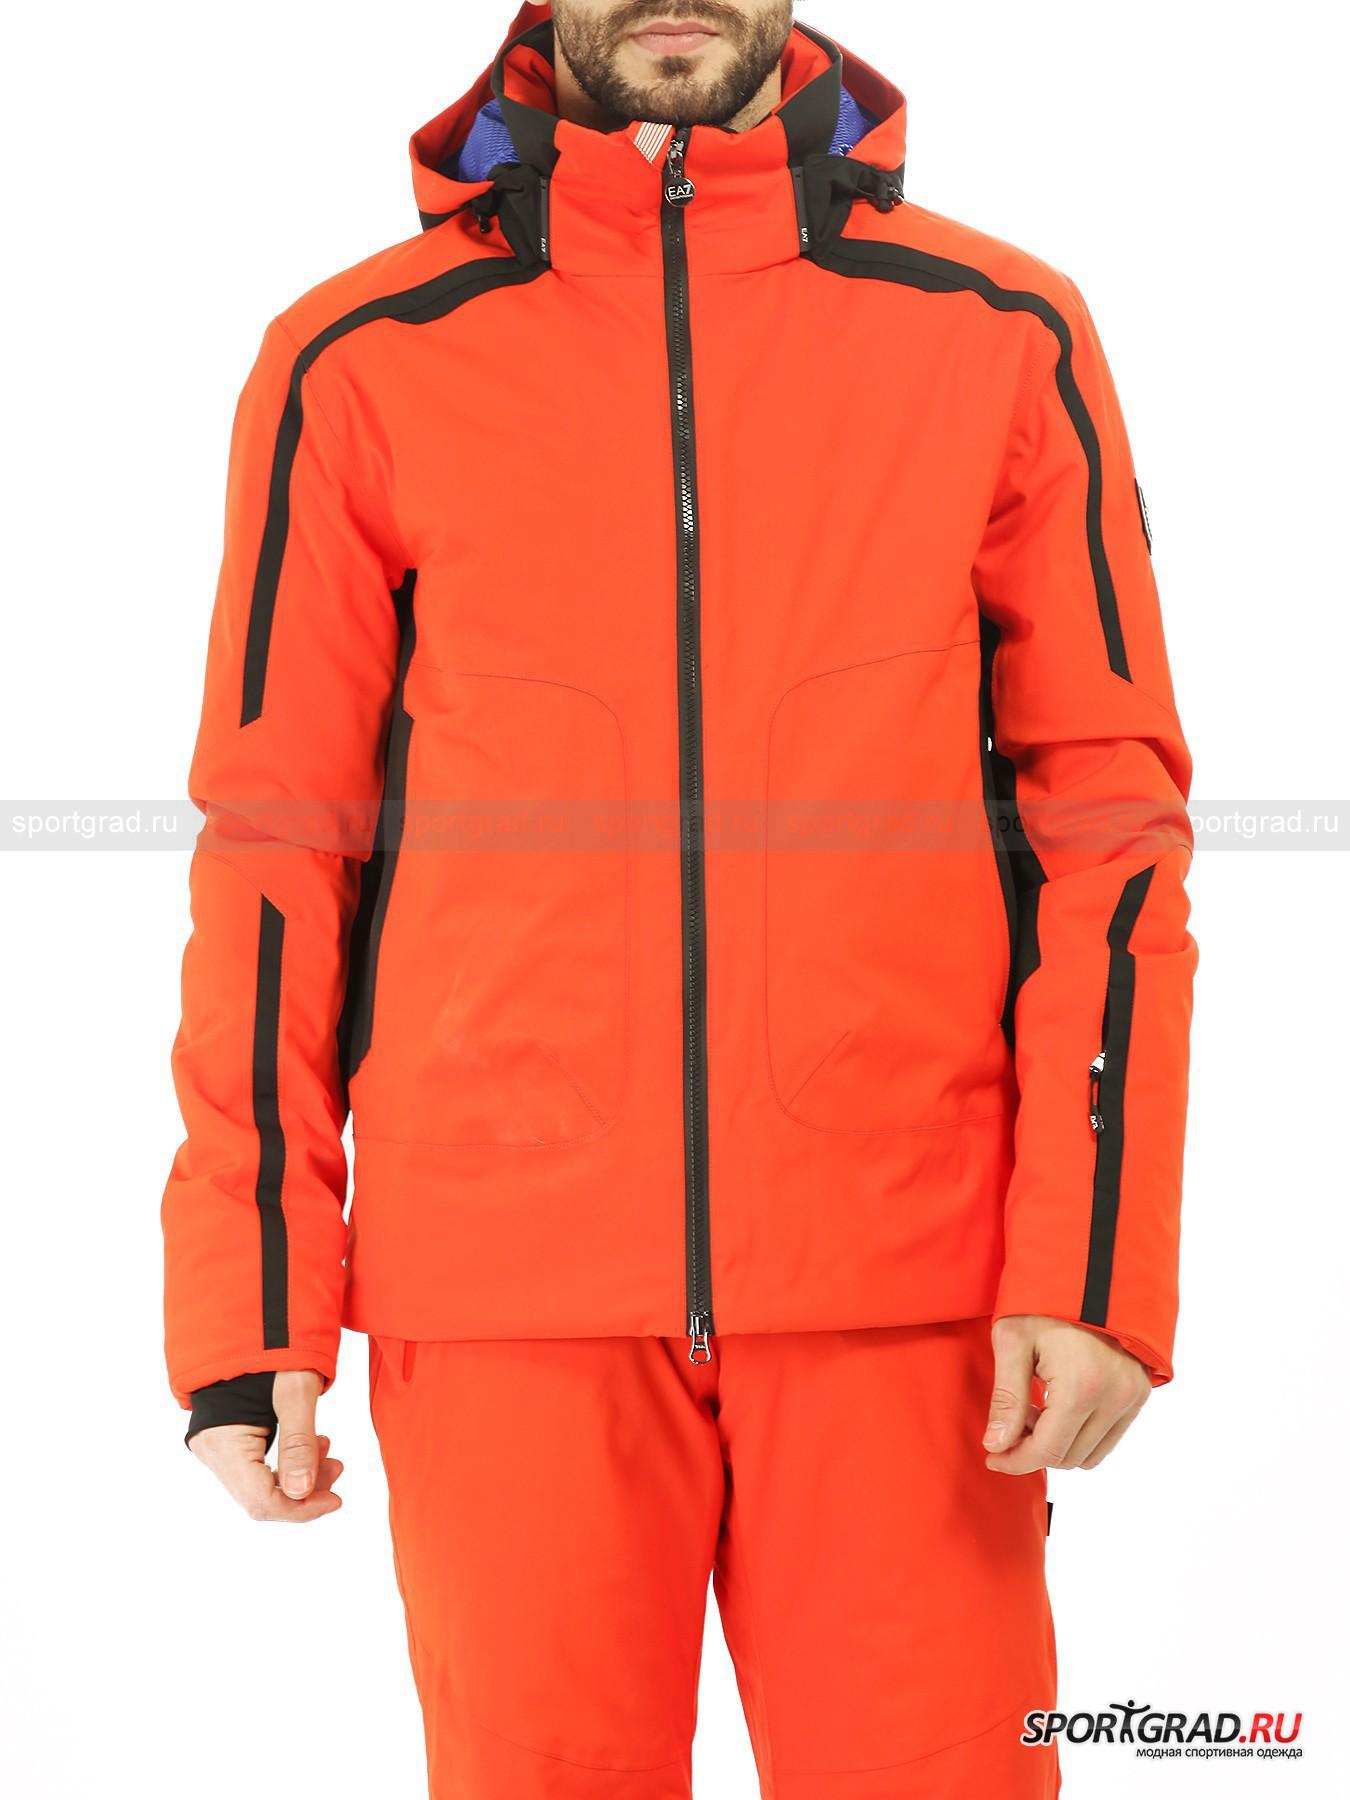 Брендовая горнолыжная одежда